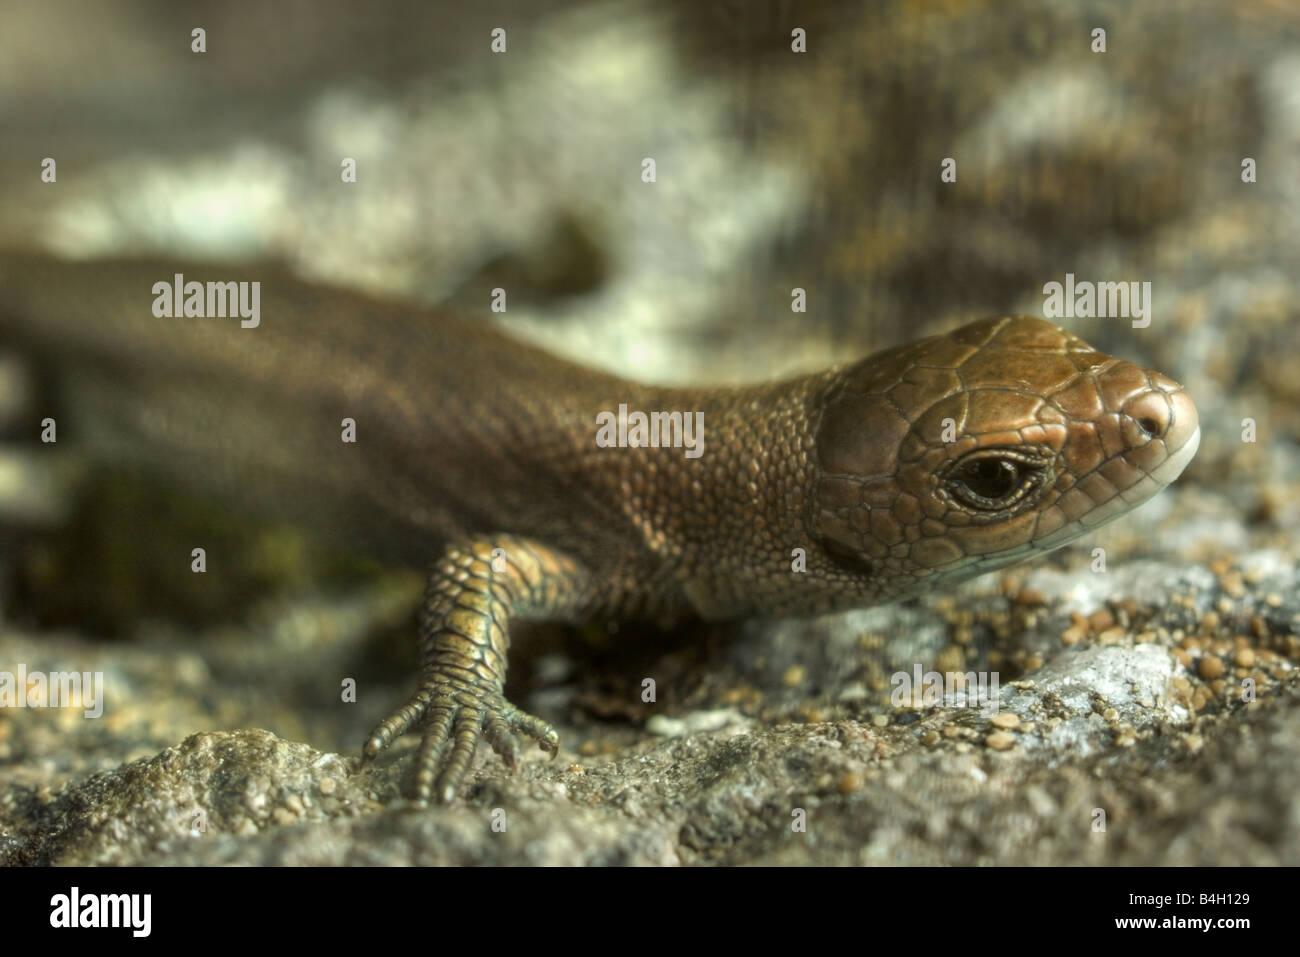 Really young european common lizard (Lacerta vivipara) - Stock Image